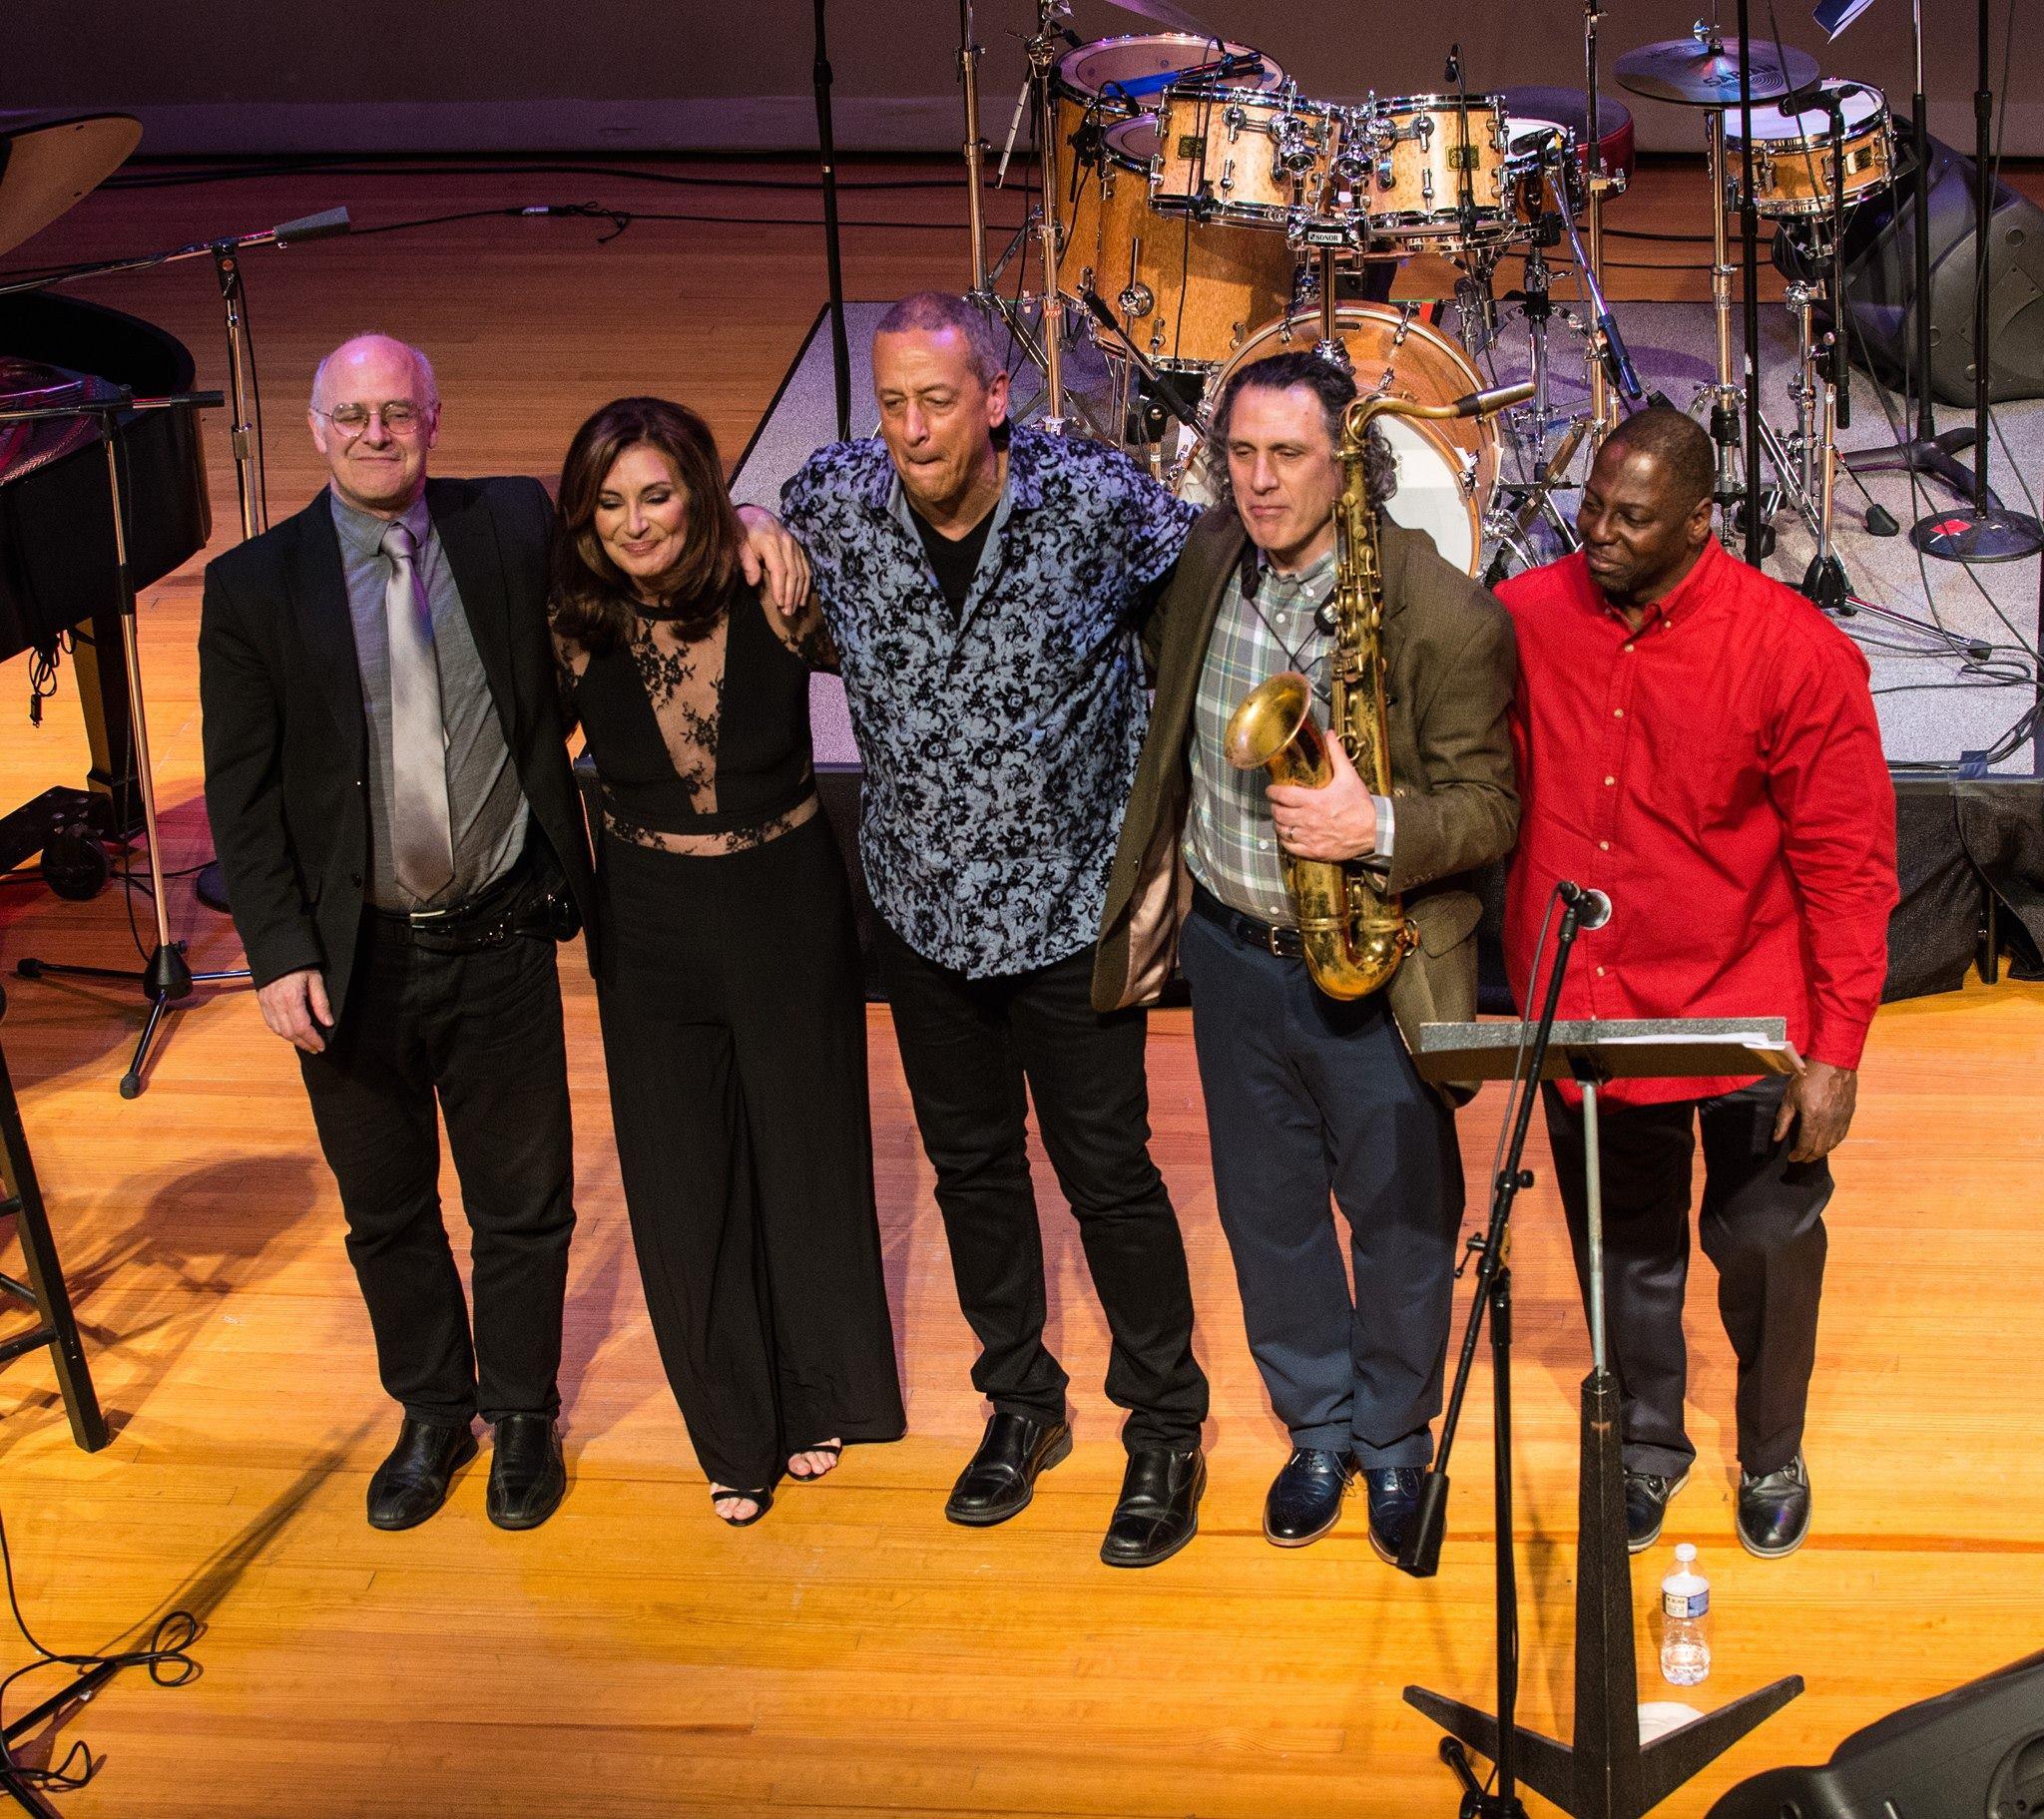 Jae Sinnett's Zero to 60 Quartet with Denise Donatelli in December 2017